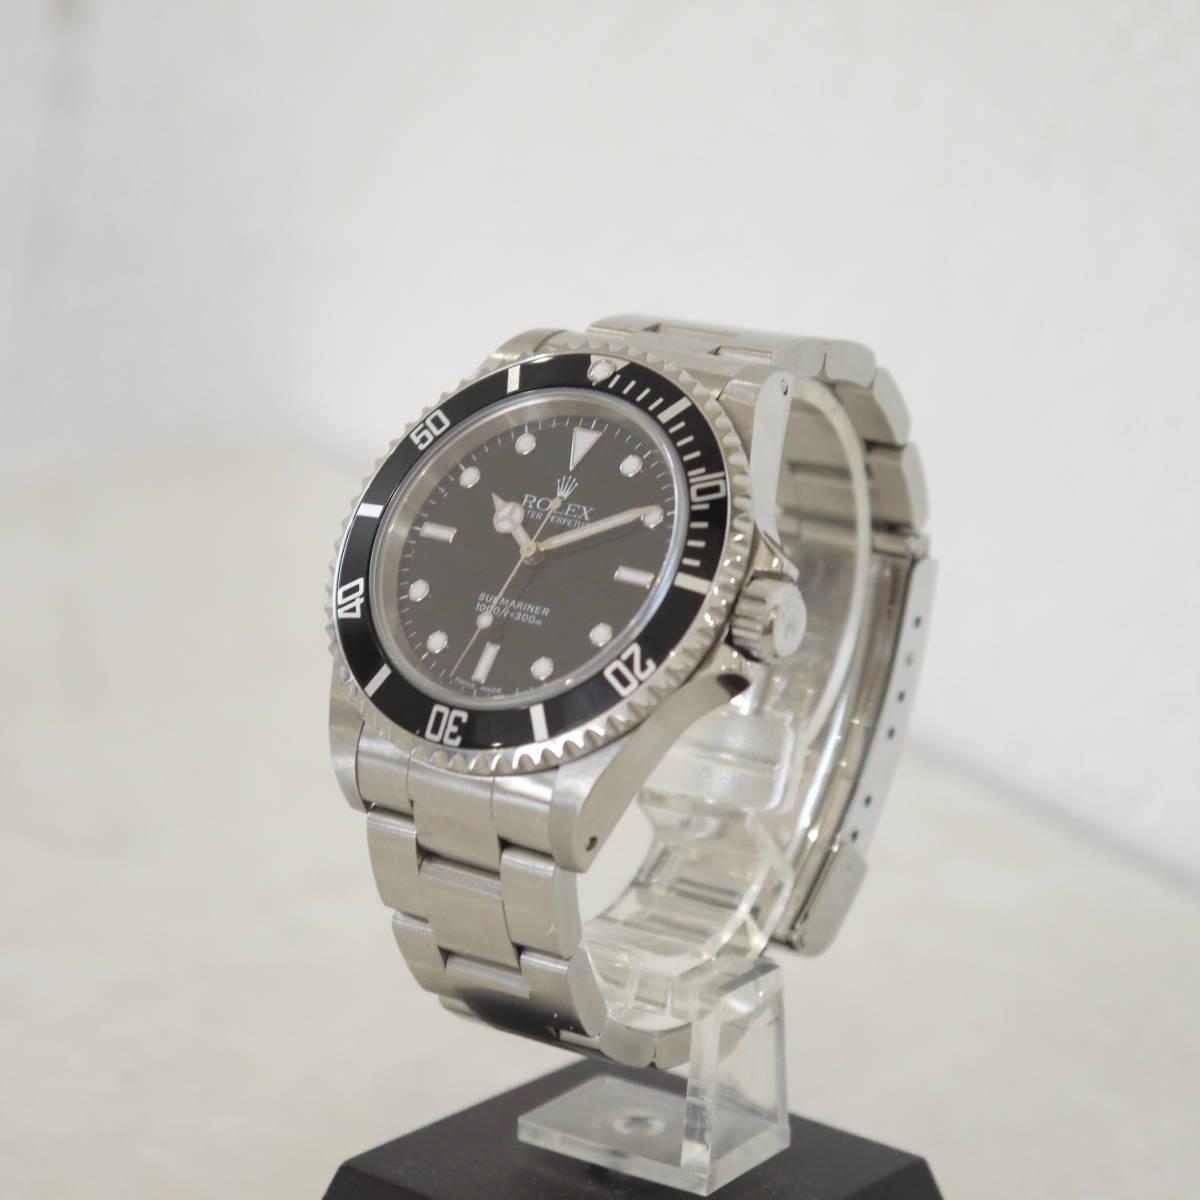 早い者勝ち!! 100%正規品 ROLEX ロレックス サブマリーナ メンズ 自動巻き 腕時計 オートマ 14060M ブラック 黒_画像2